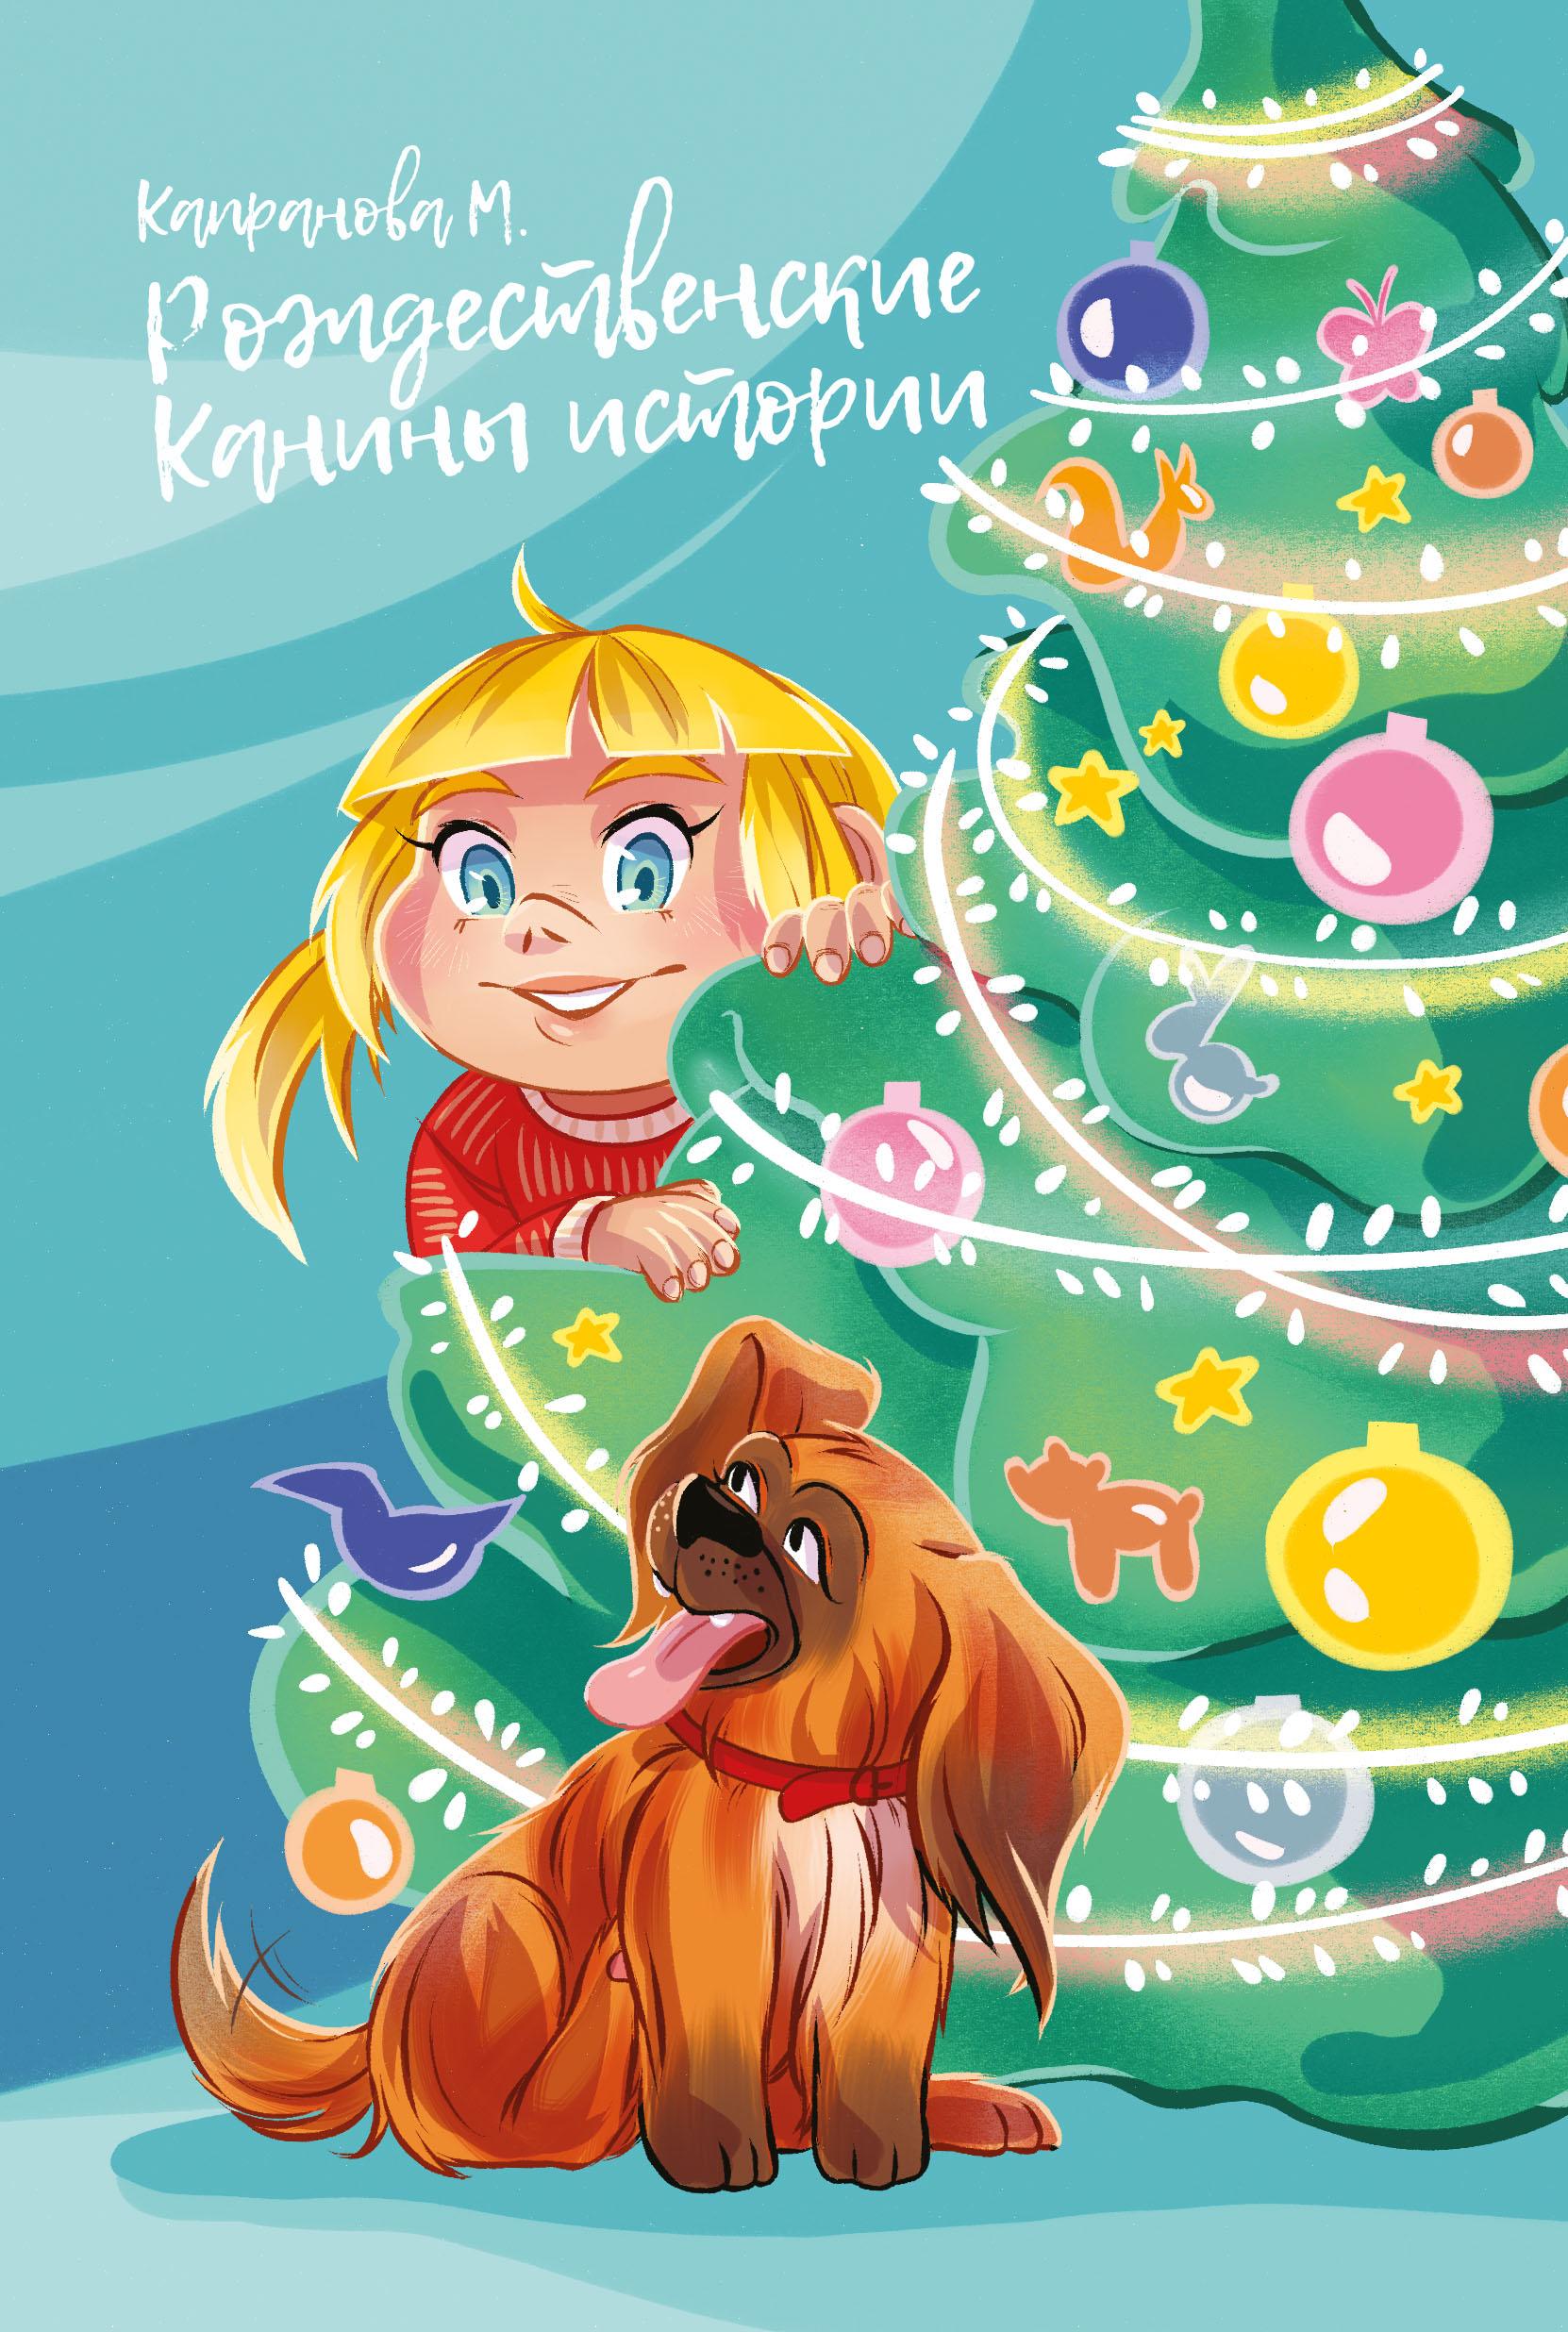 Марина Капранова Рождественские Канины истории анна иванова говорят под новый год… зимние истории которые согревают isbn 9785449024398